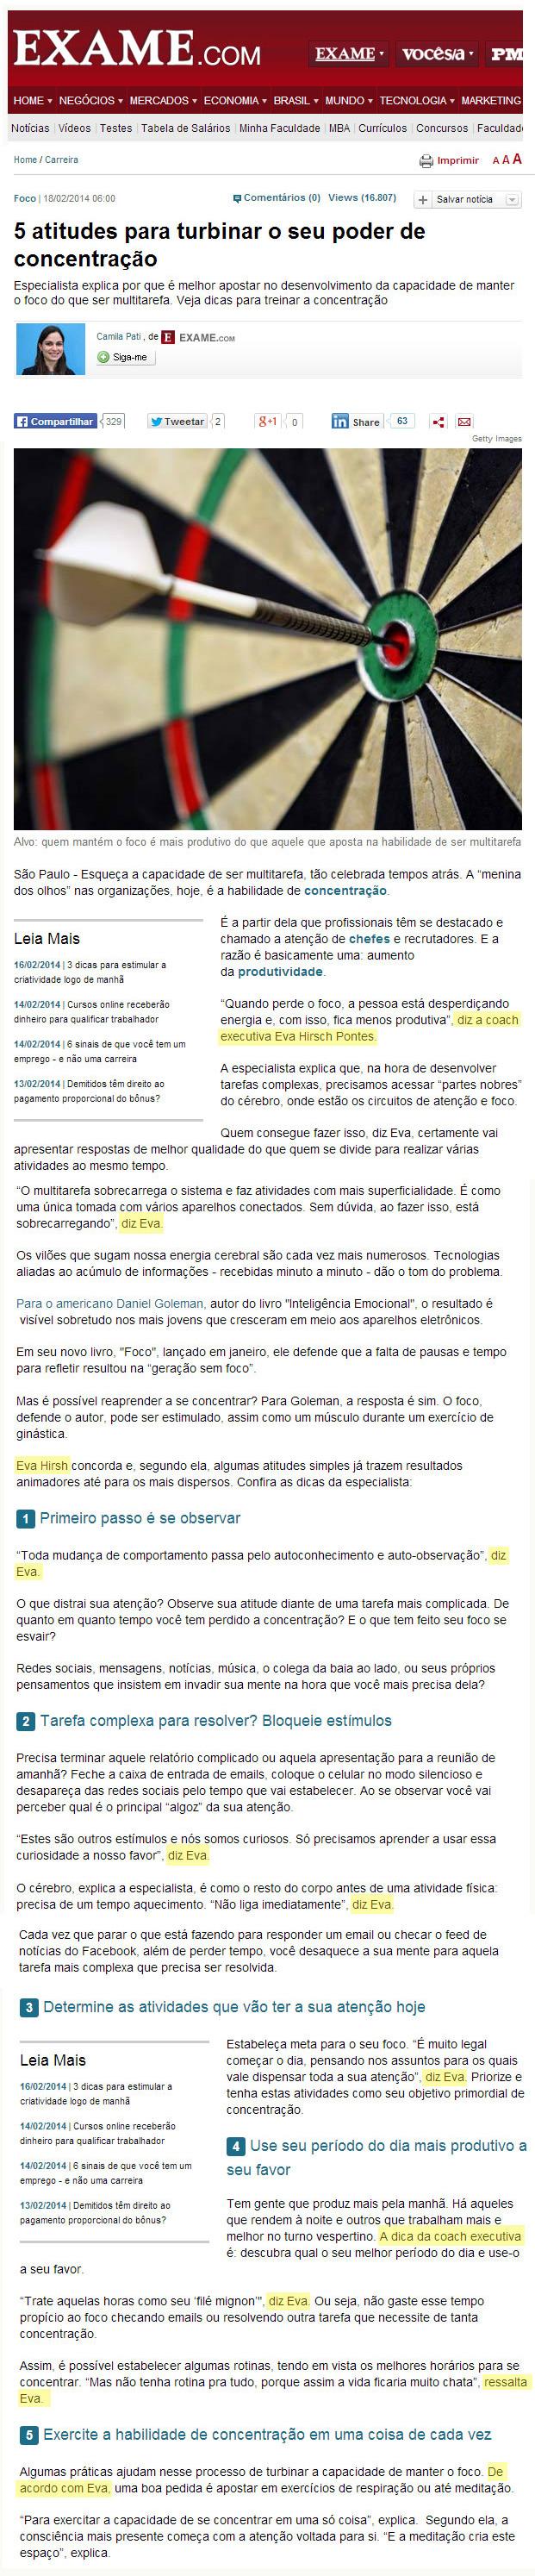 Portal-Exame_Carreira_18